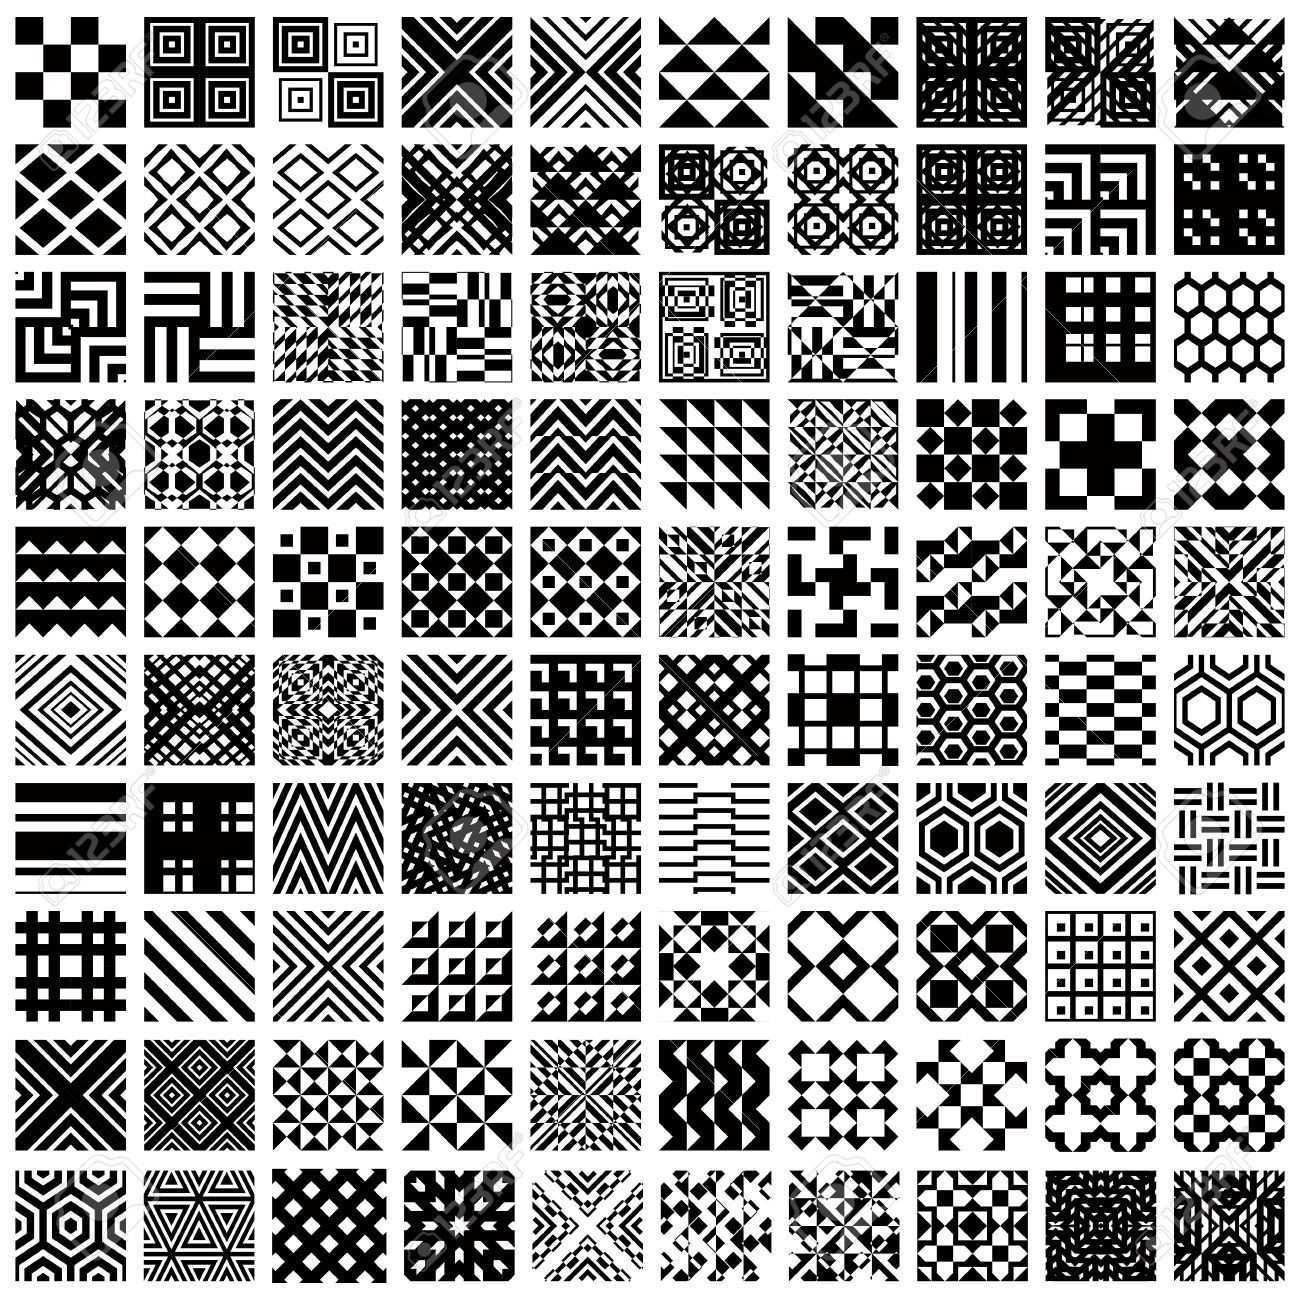 100 Geometrische Nahtlose Muster Eingestellt Schwarz Und Weiss Vektor Hintergrunde Sammlung Vektor Hintergrund Geometrisch Muster Zeichnung